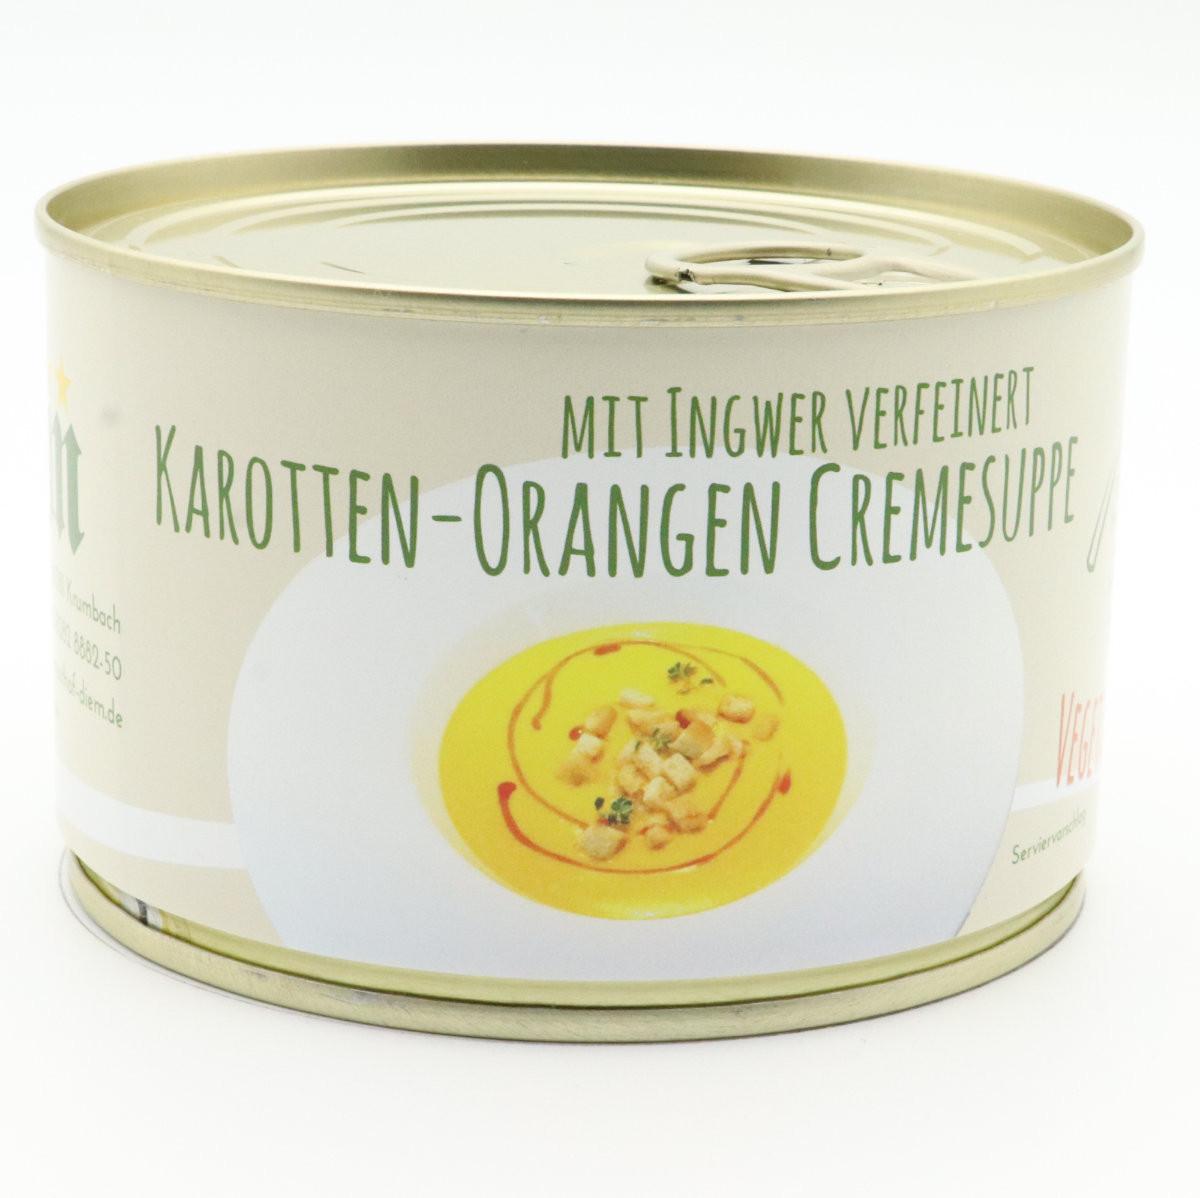 Karotten-Orangen Cremesuppe mit Ingwer verfeinert 400g